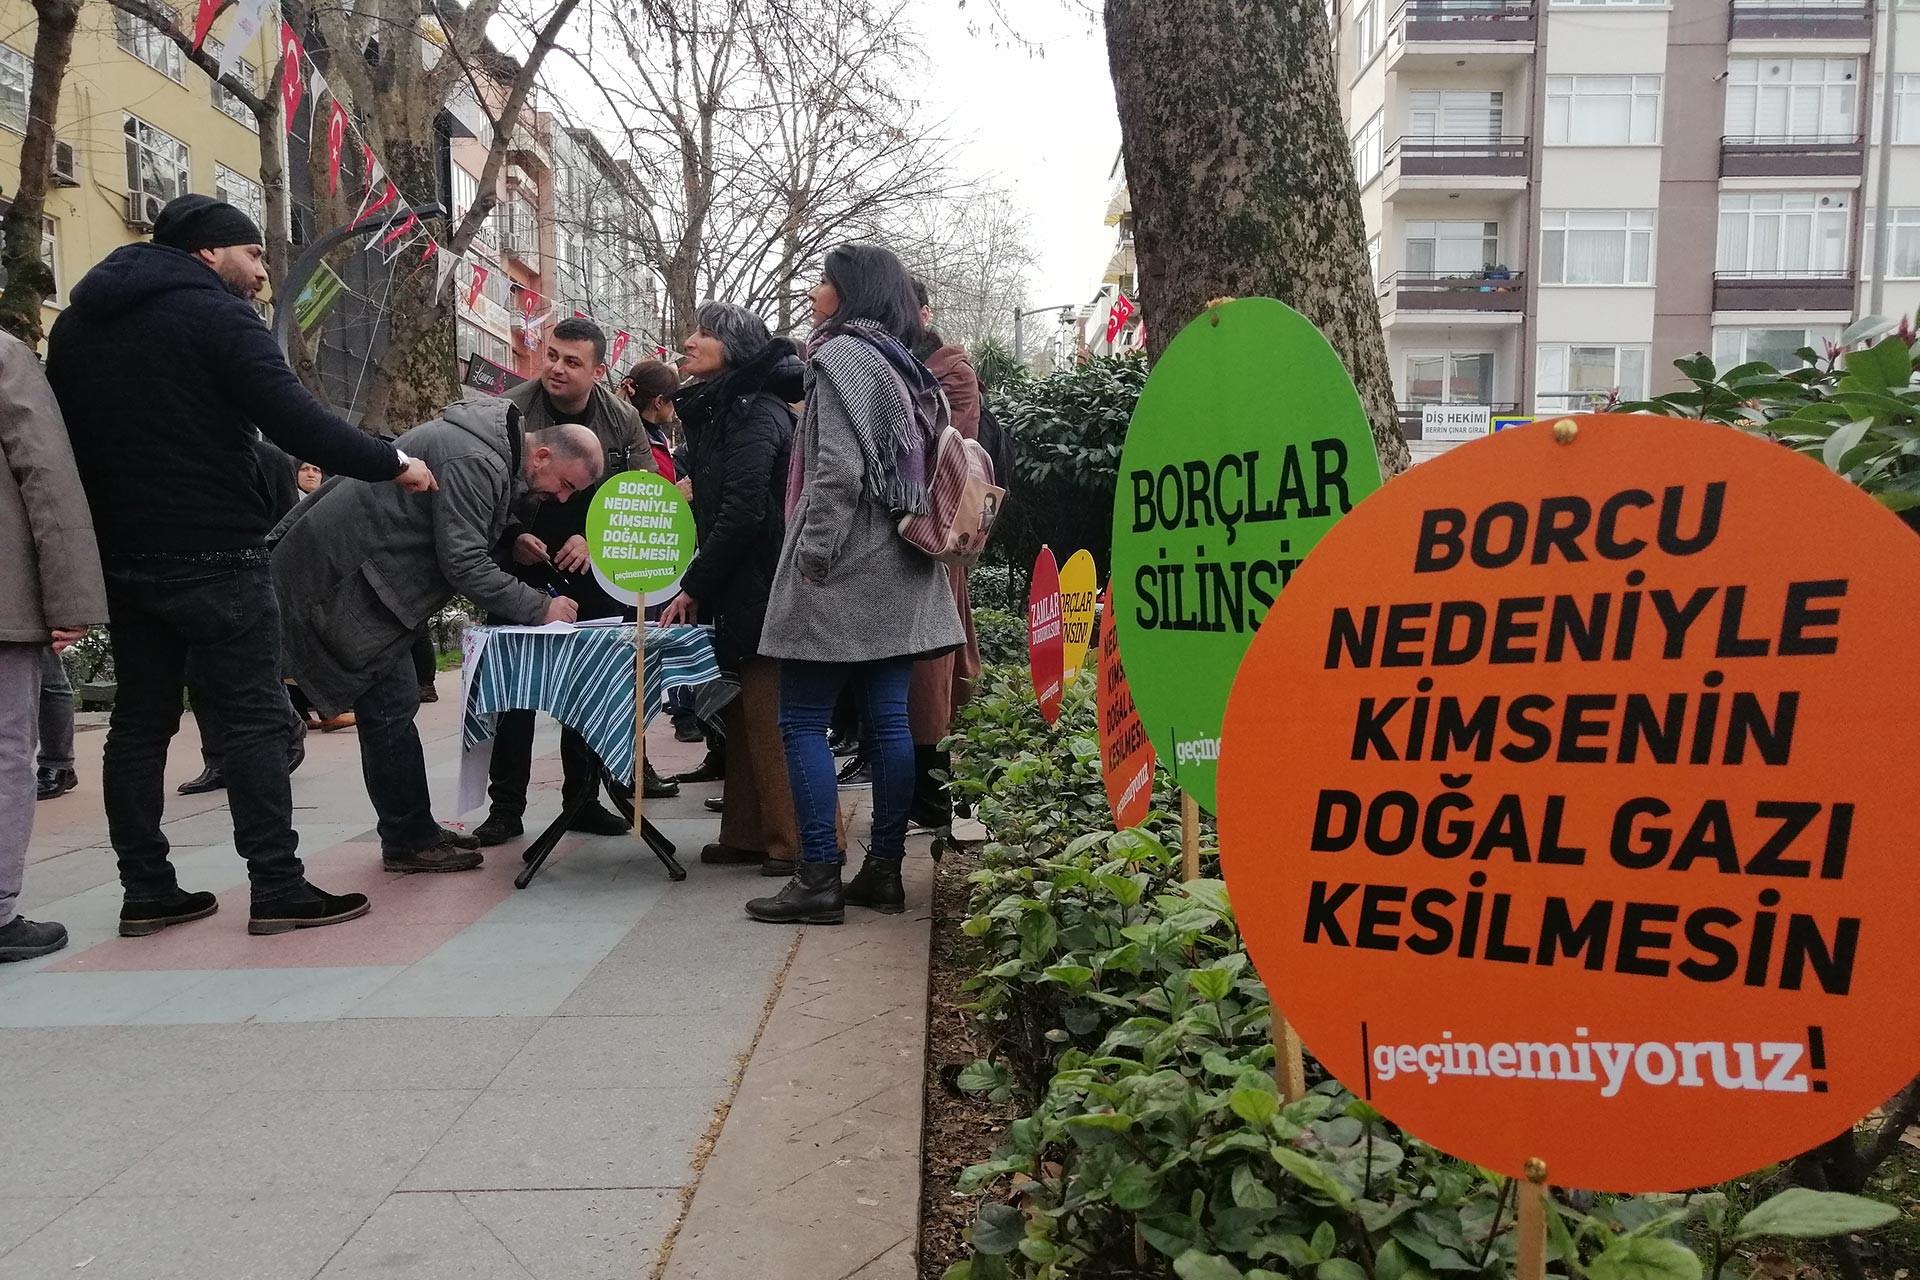 Koaceli'de emekçiler 'Zamlar durdurulsun, borçlar silinsin' talebiyle imza kampanyası başlattı.